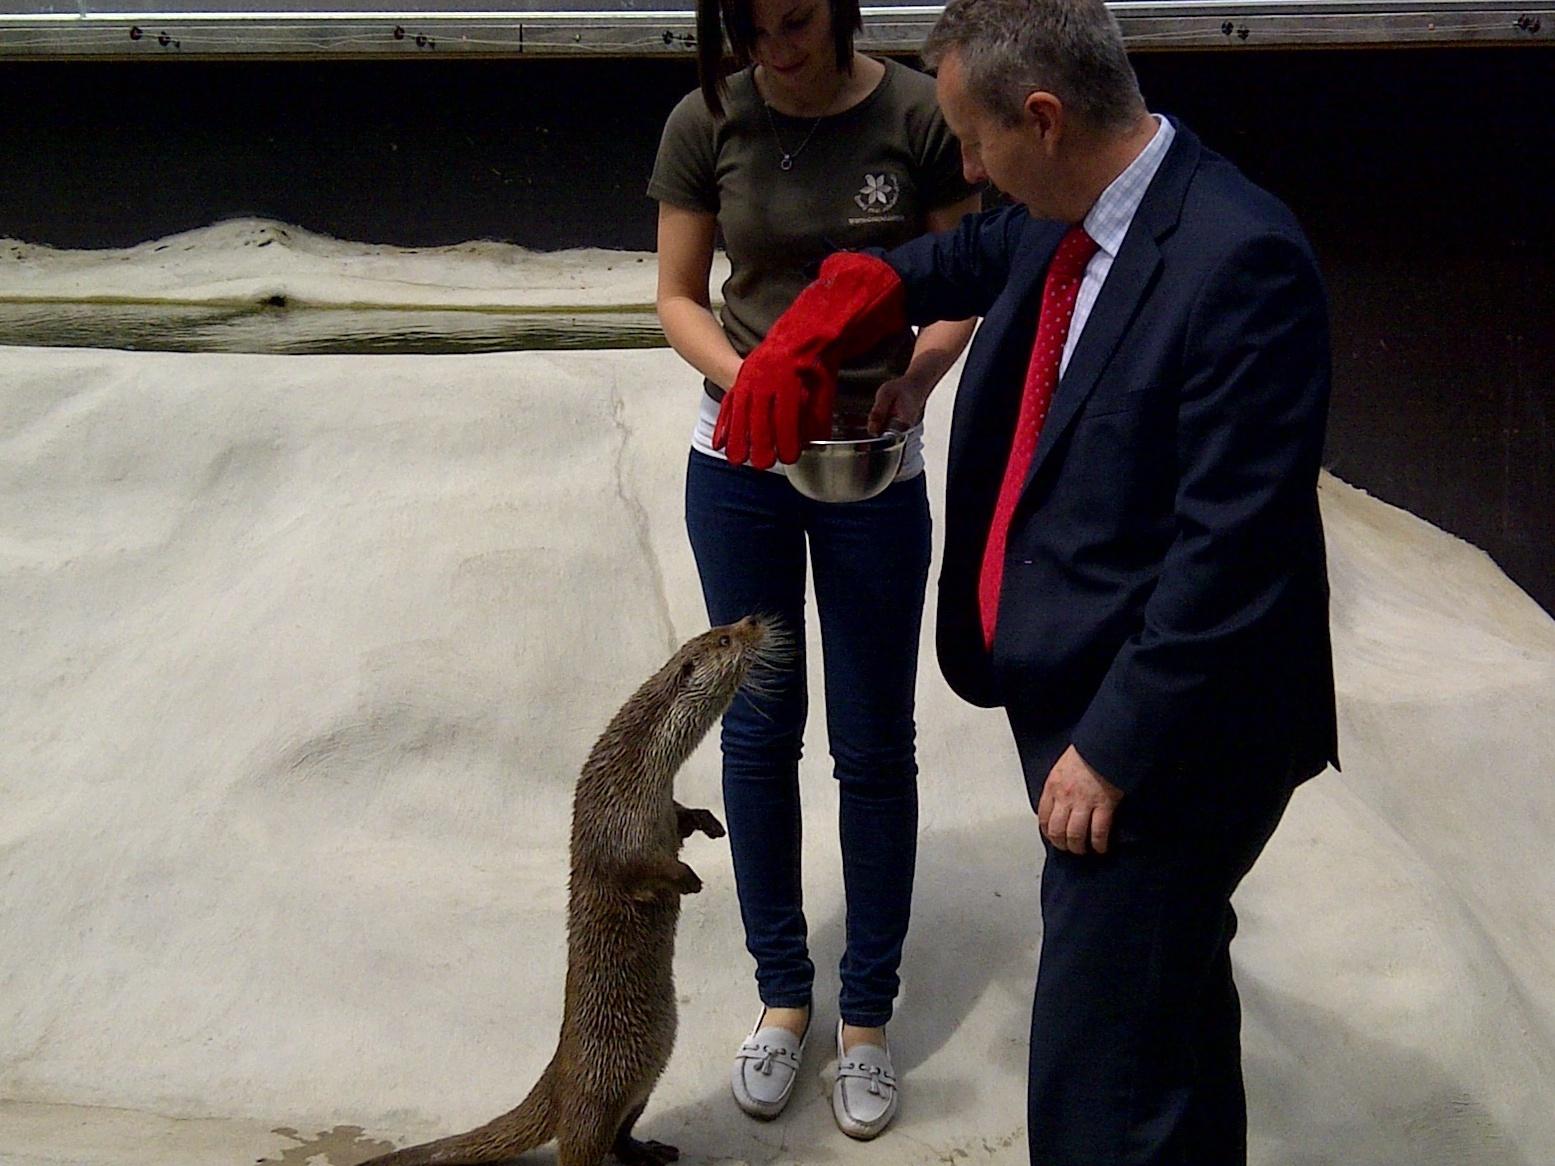 Ministr Brabec: Trávení zvířat je nelidské a trestné, přesto je to v ČR velký problém